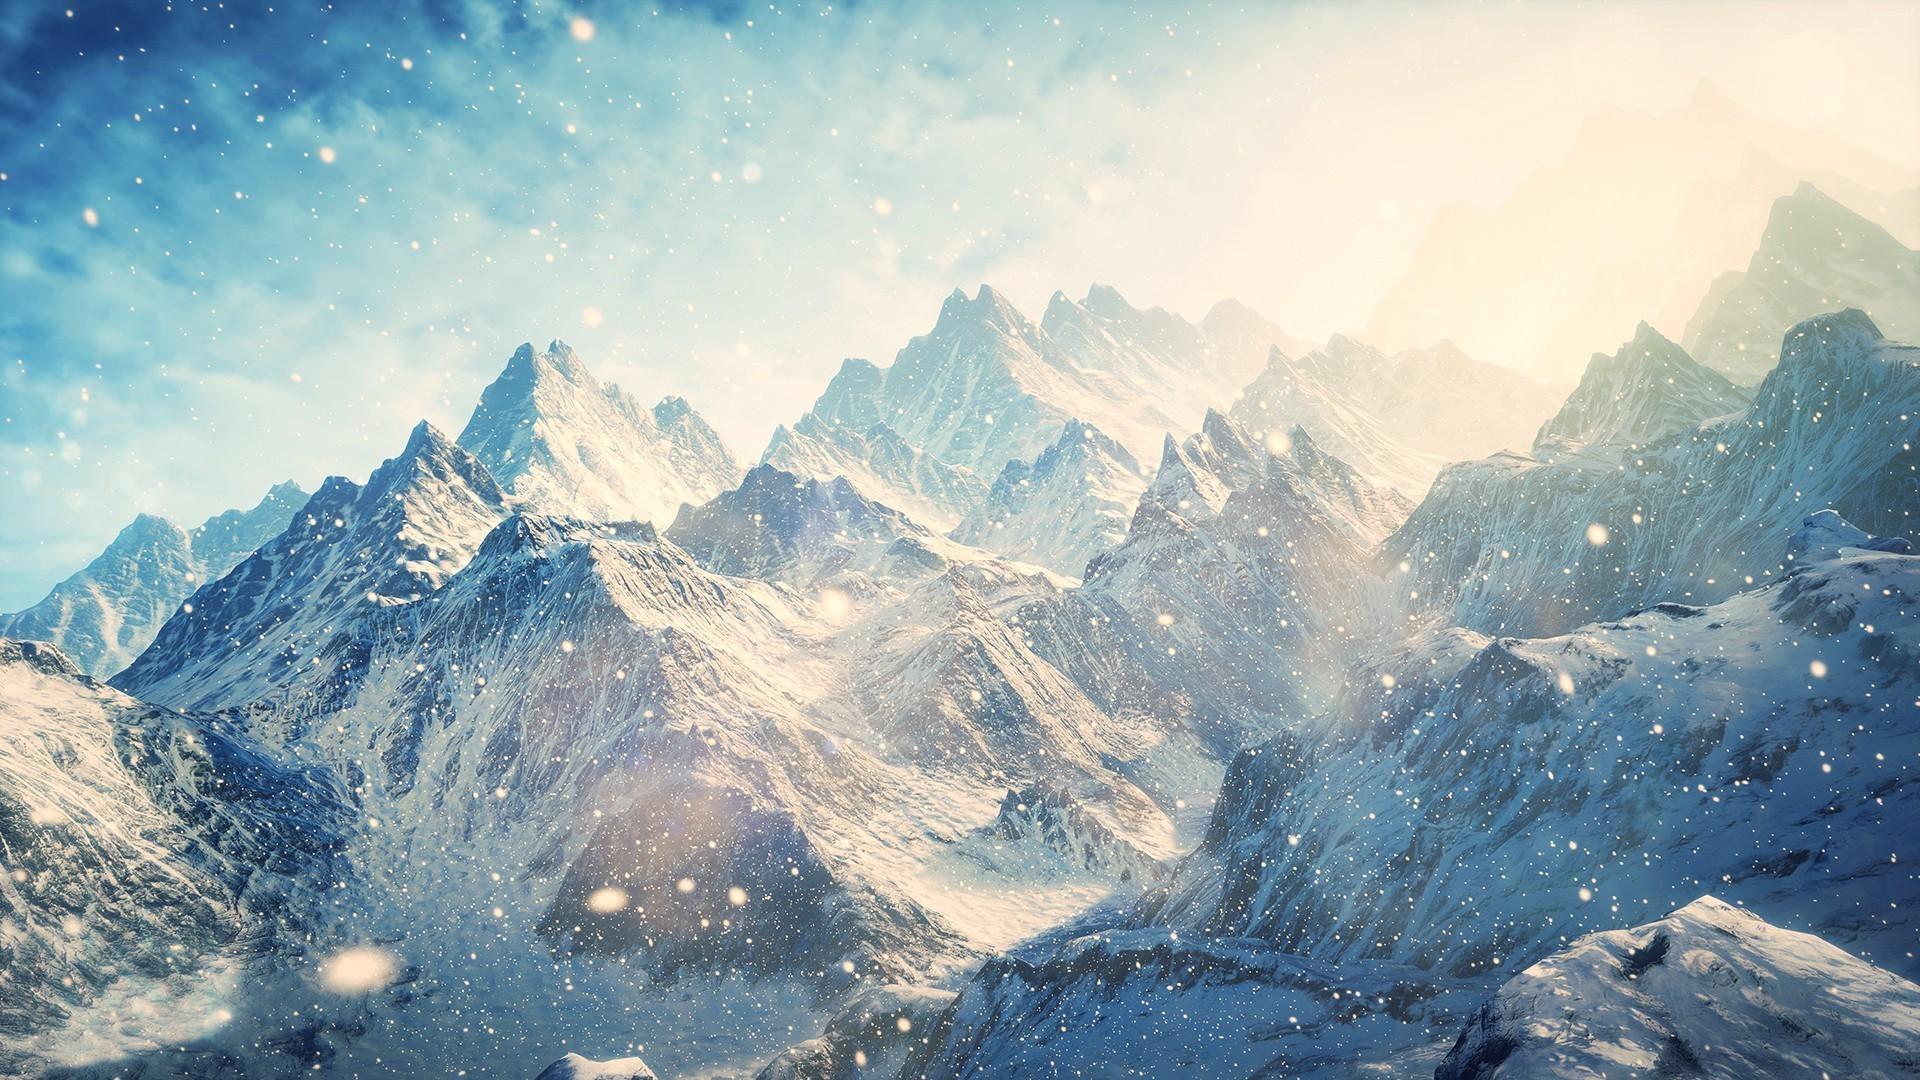 65 Snow Mountain Wallpaper HD 1920x1080